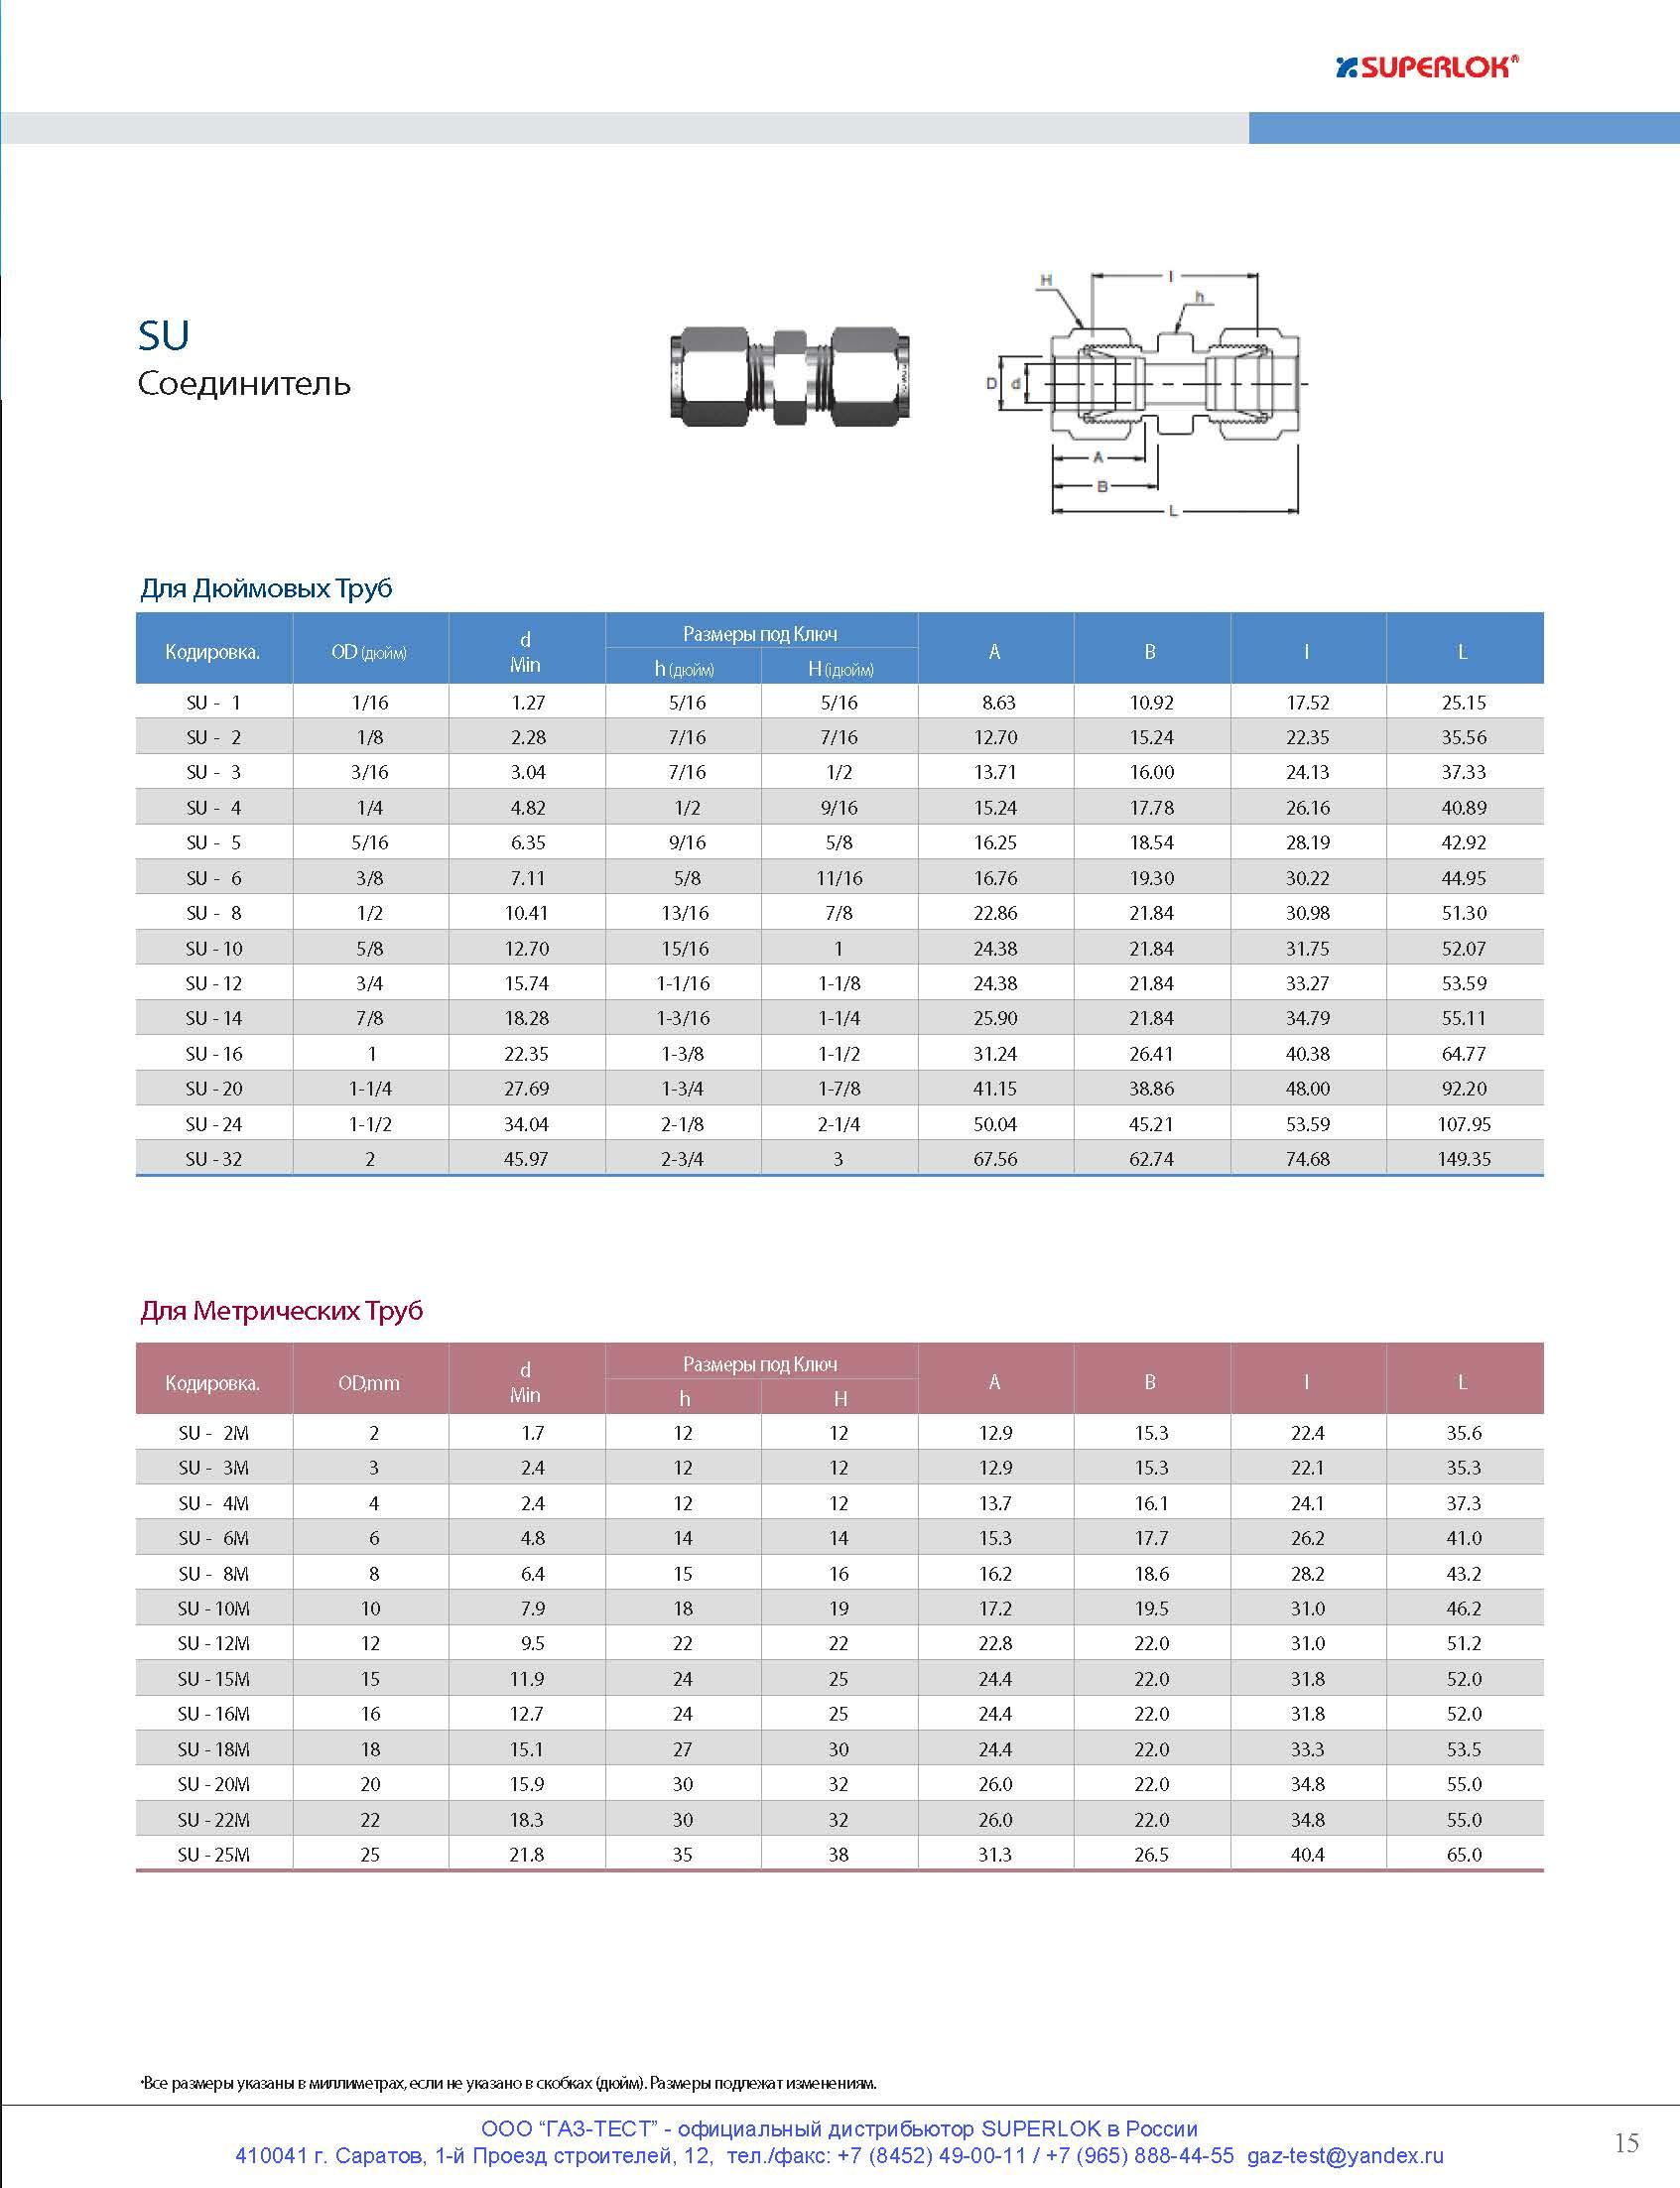 Технические характеристики соединителей superlok su